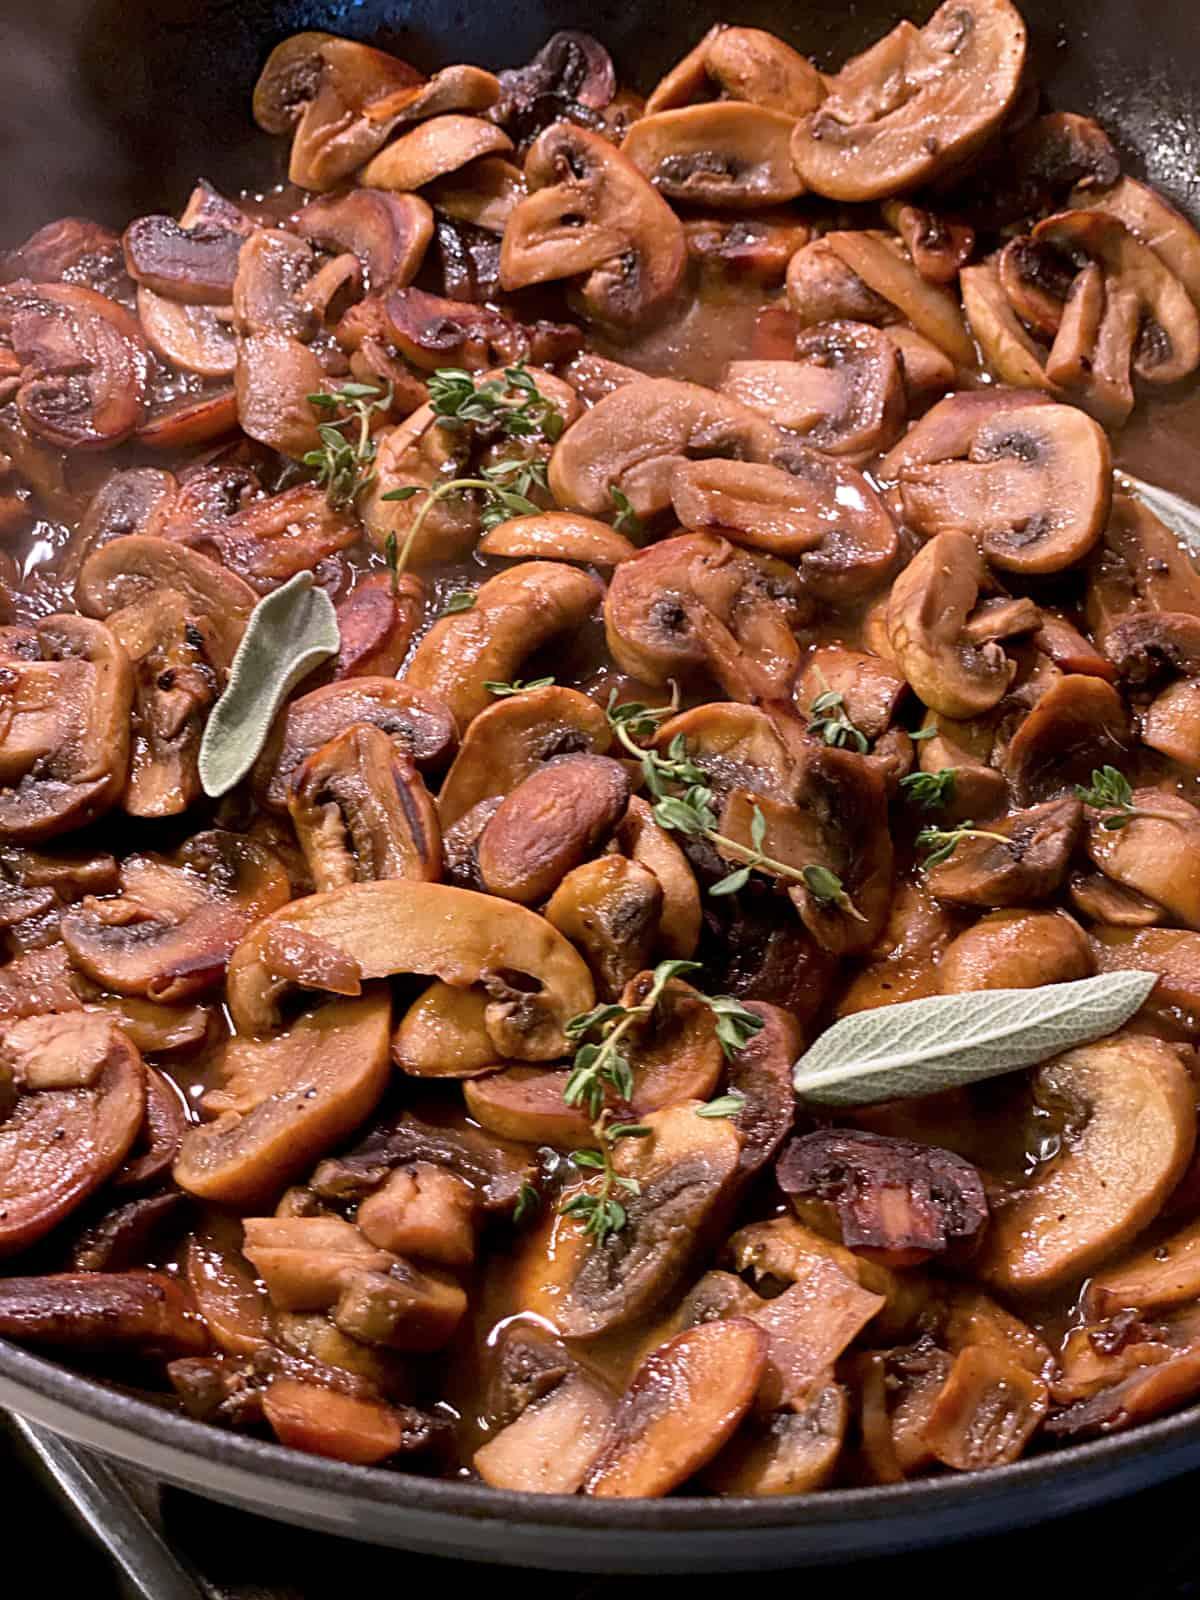 Sliced mushrooms in a skillet.